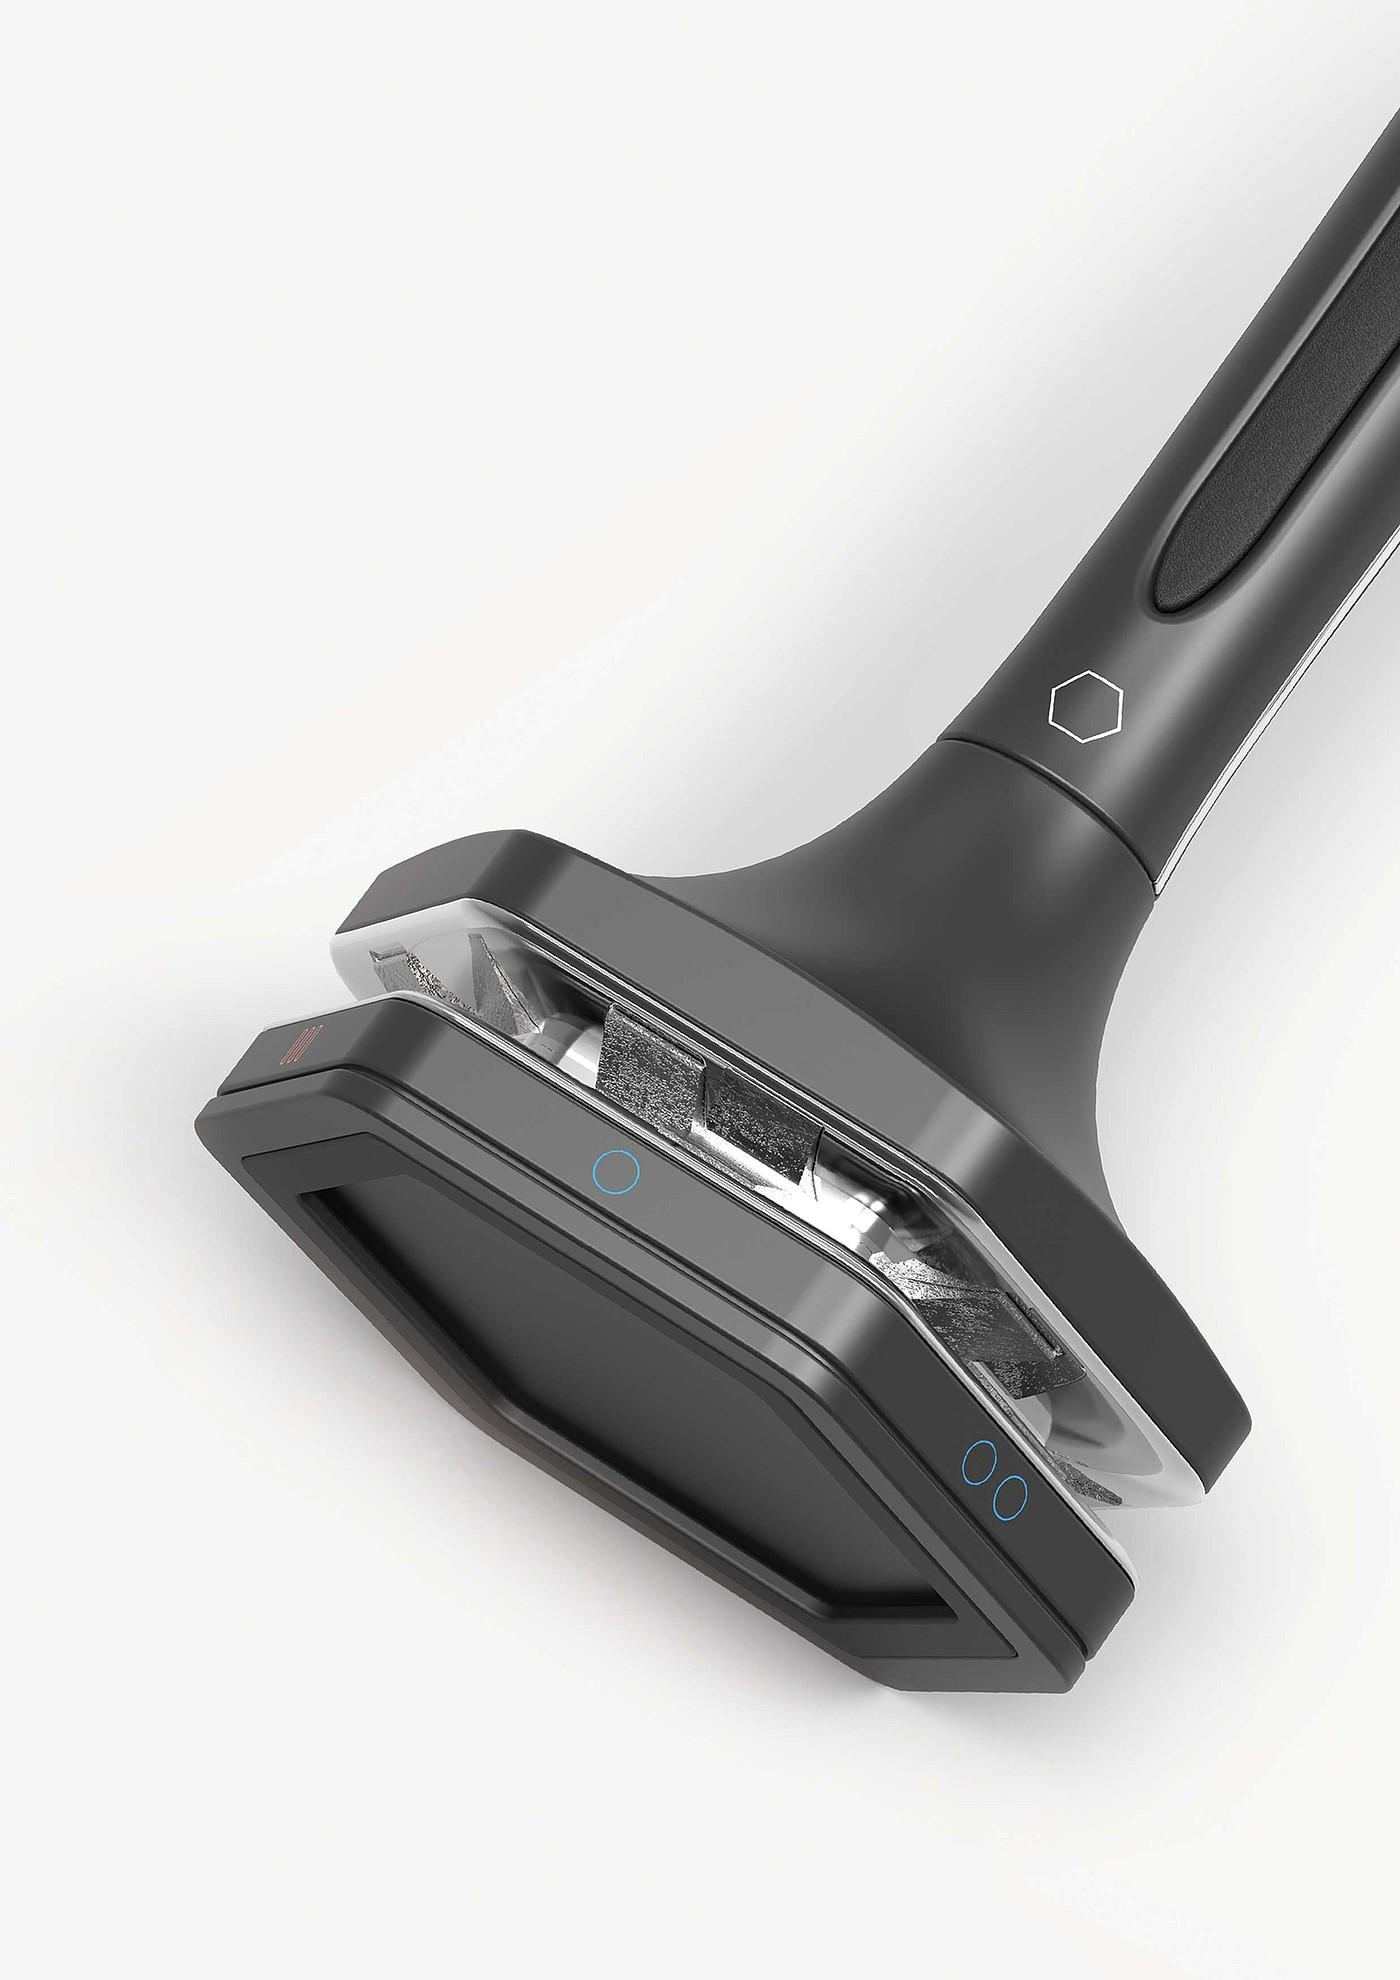 2020红点设计概念大奖,K-sharpener,磨刀器,